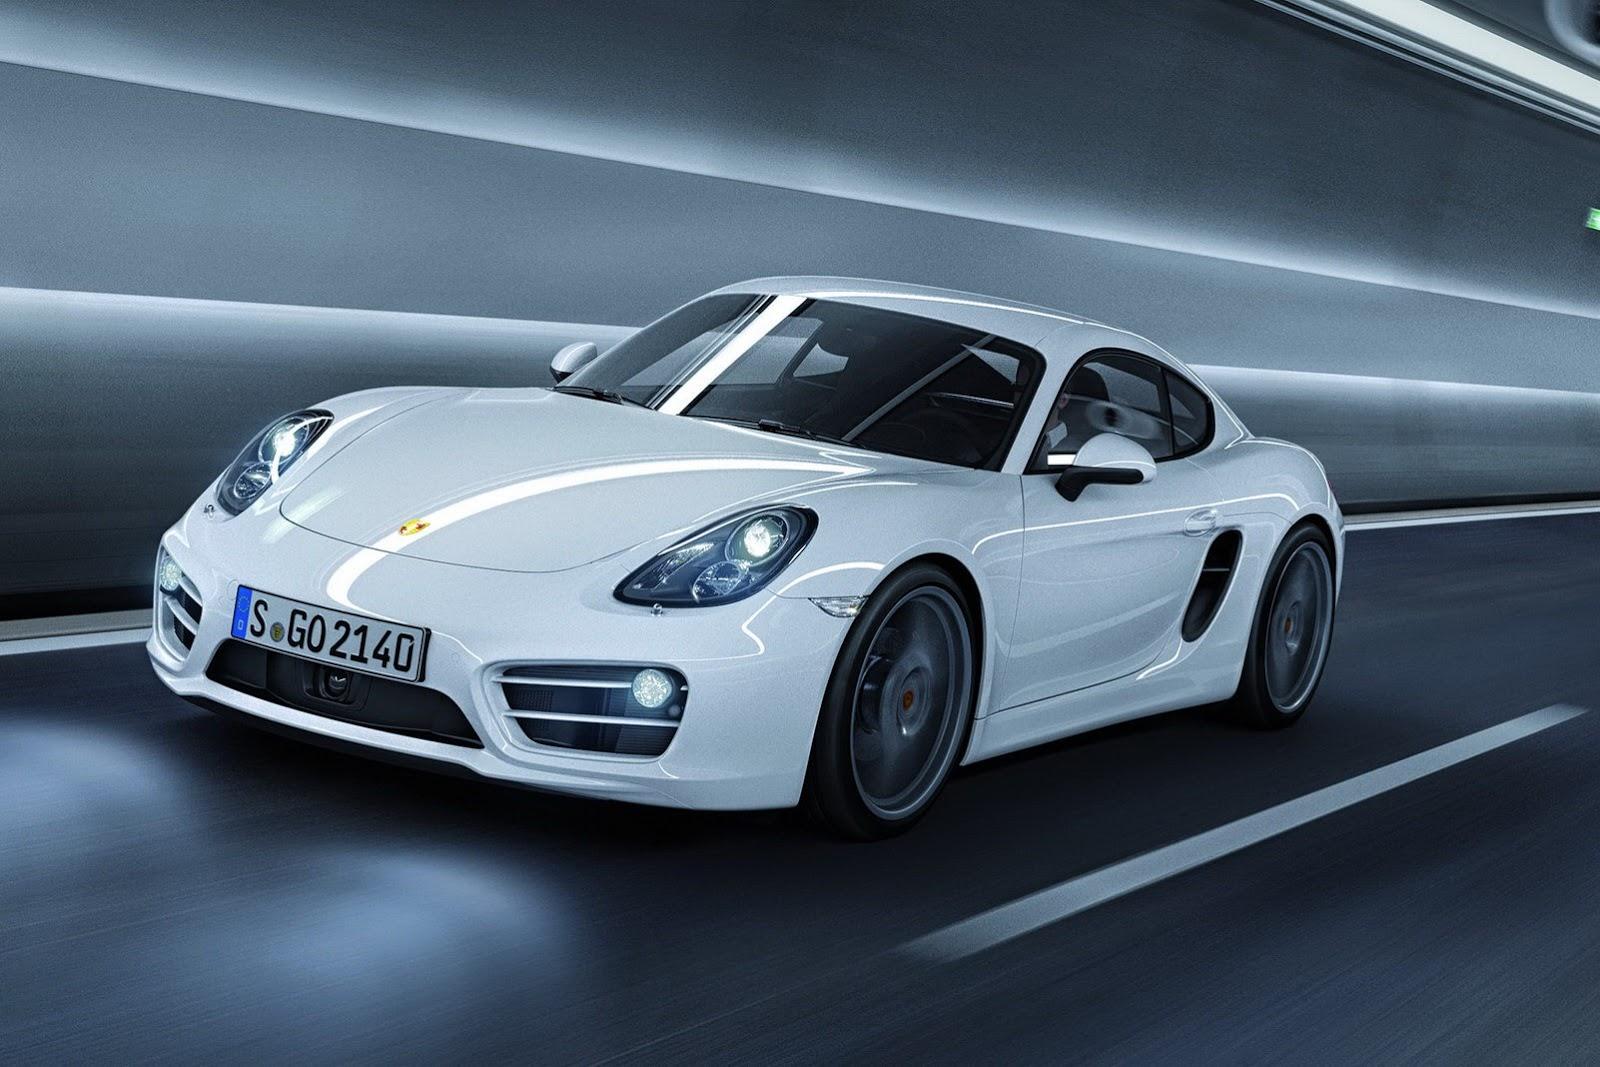 Porsche Cayman Specs New Wallpapers HD